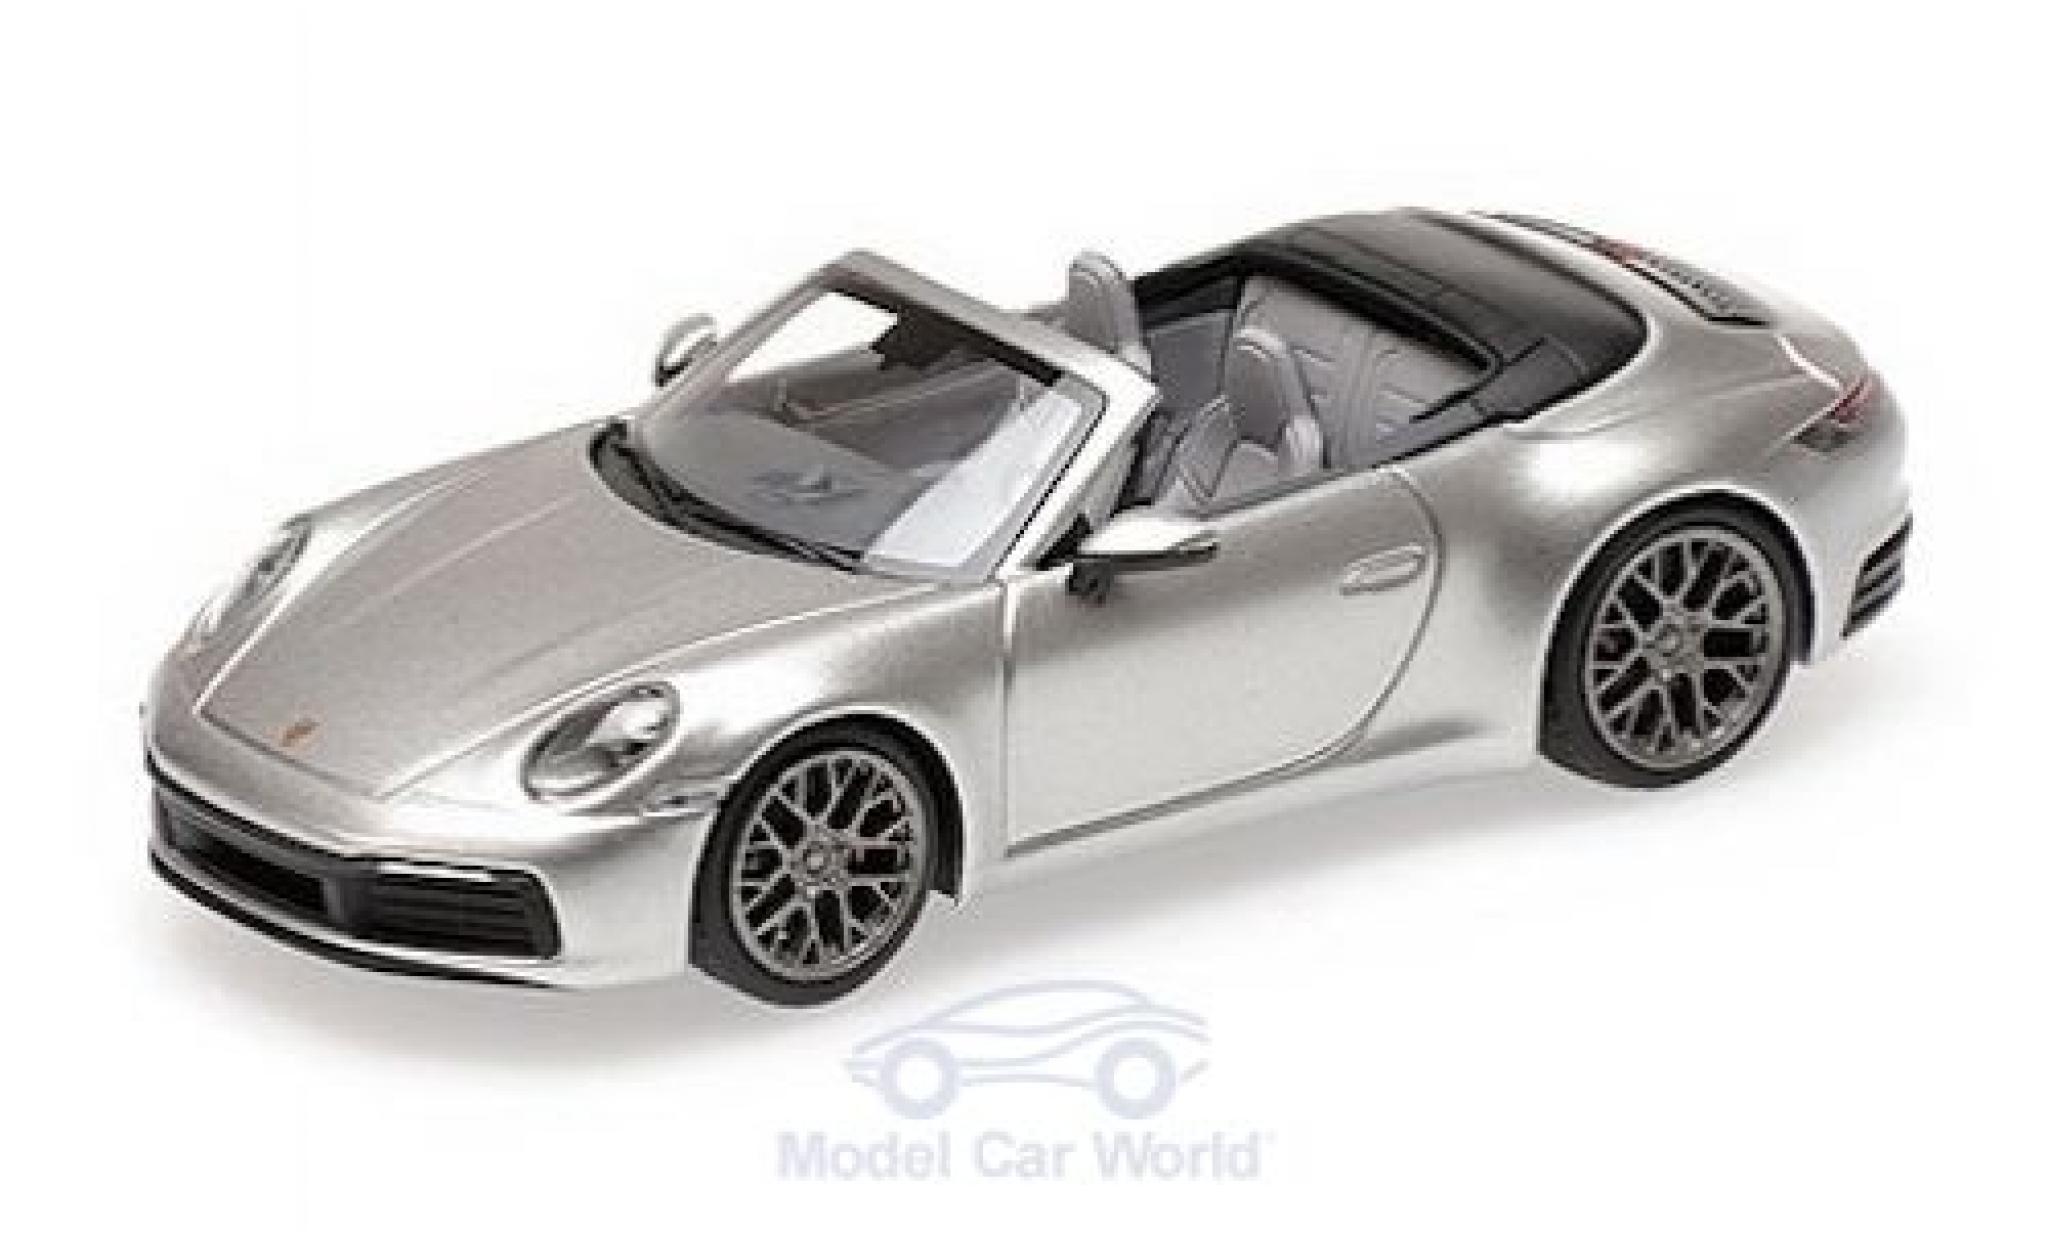 Porsche 911 1/43 Minichamps (992) Carrera 4S Cabriolet grise 2019